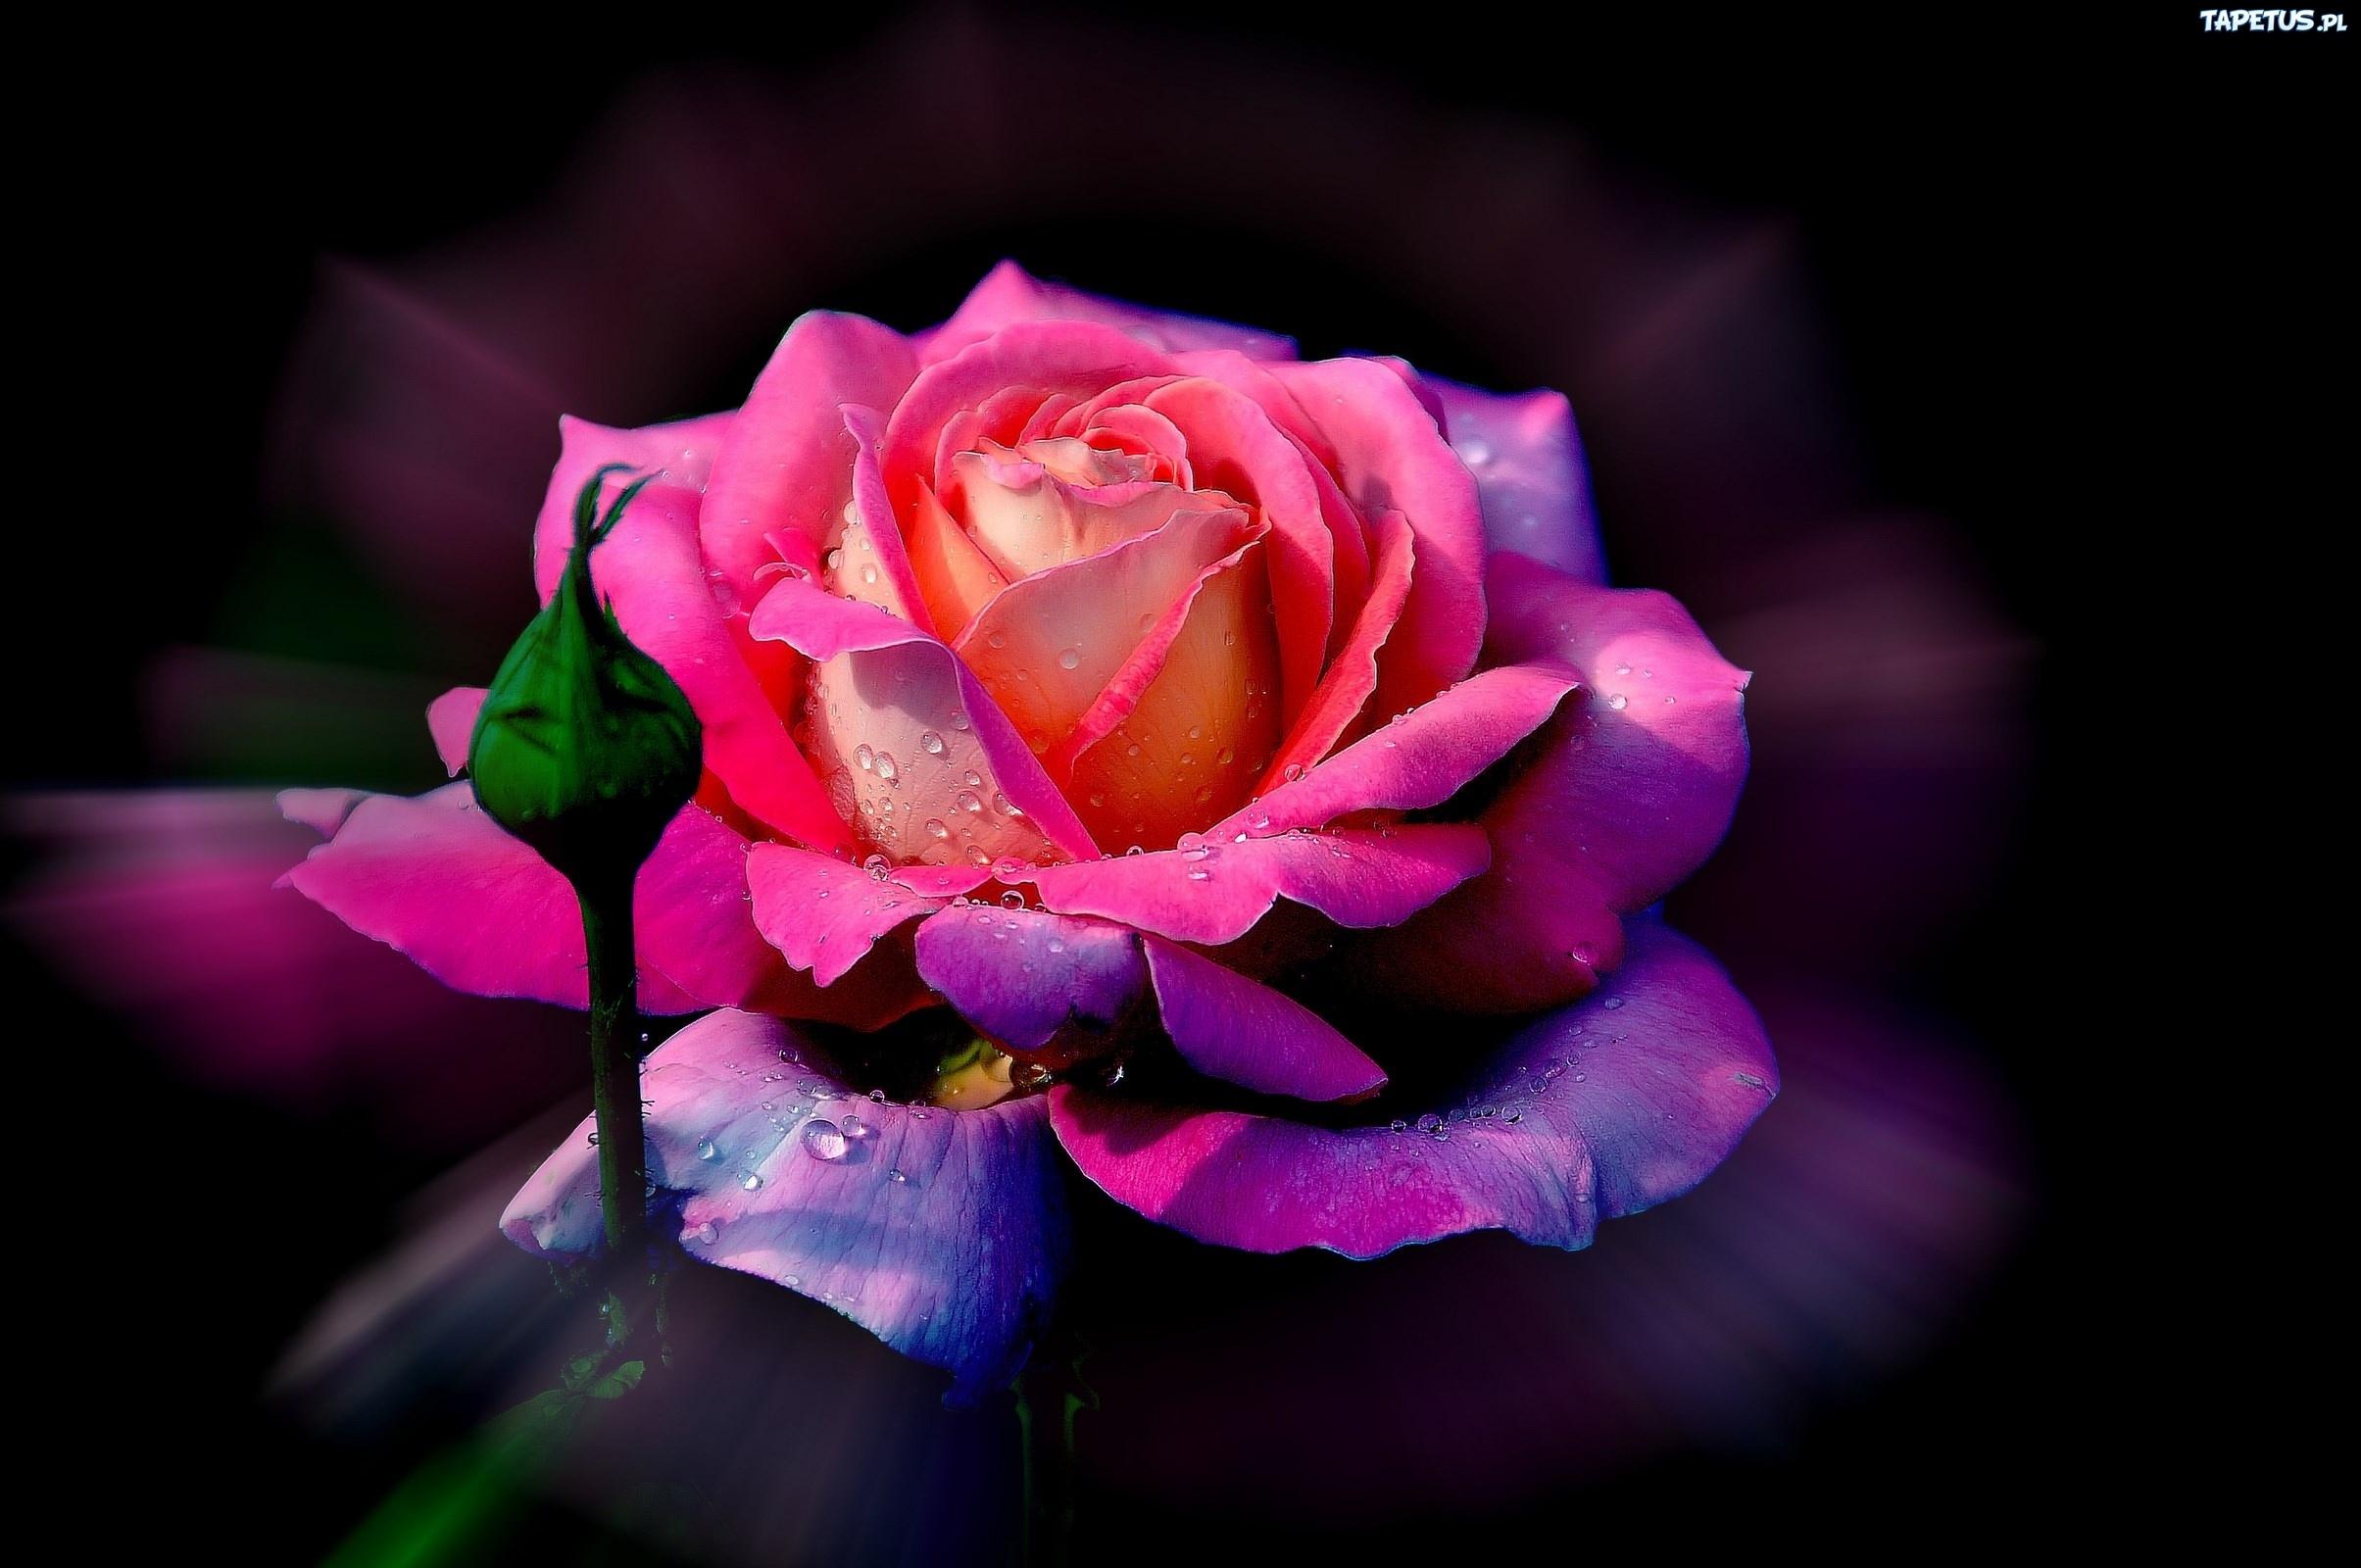 Роса на лепестках розы  № 2451502 загрузить